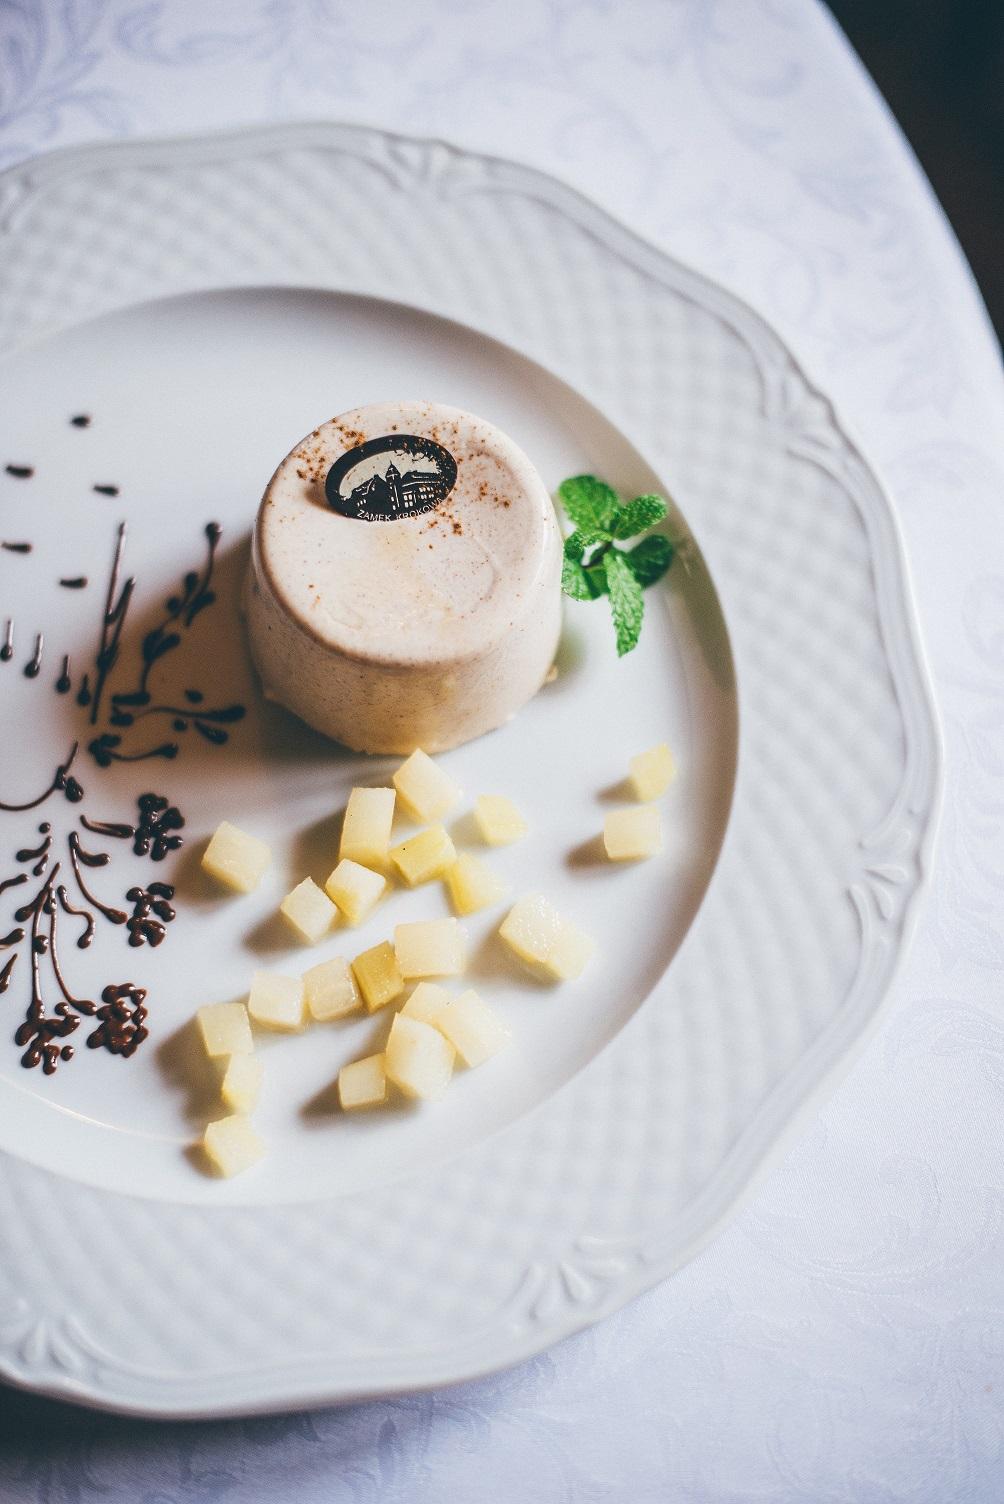 Zamek Krokowa 20 1 - Cuisine of the castle in Krokowa